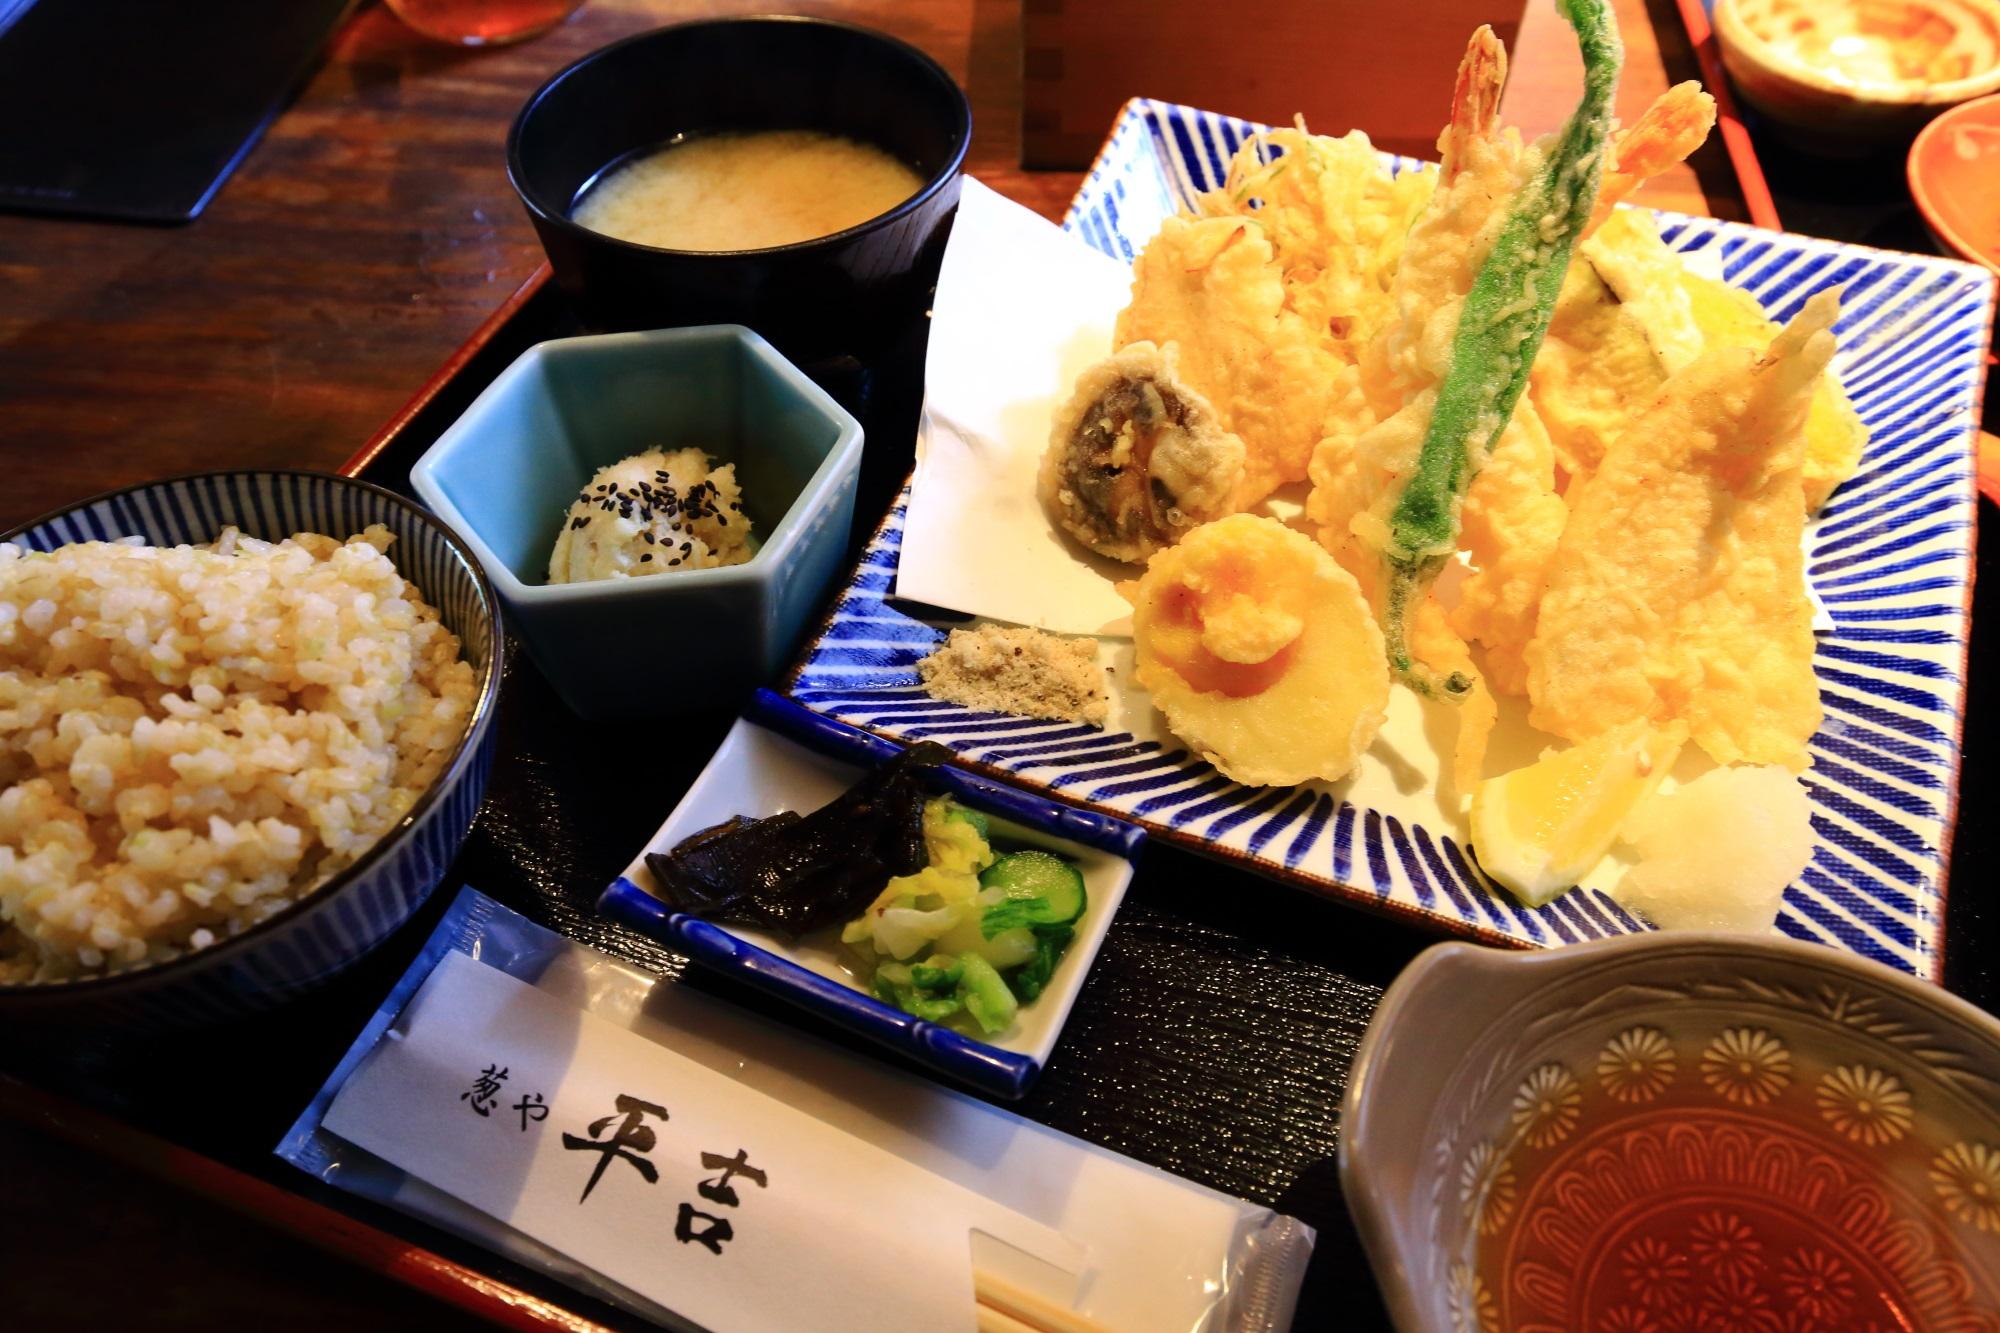 葱や天ぷら定食 葱や平吉 高瀬川店 葱と野菜の料理